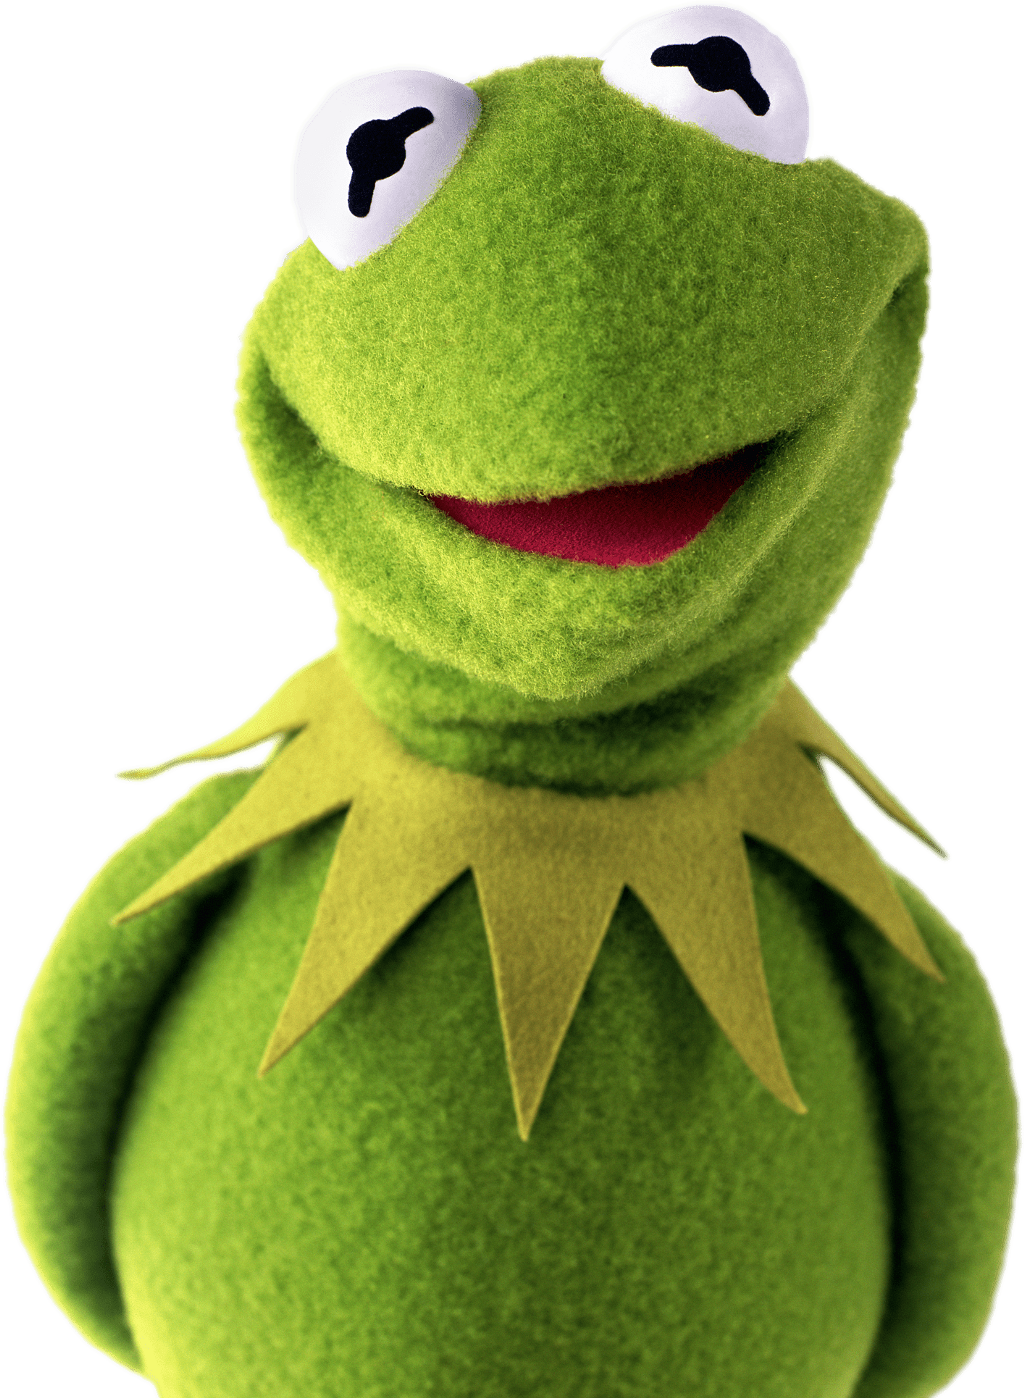 Kermit the Frog #green #sclizard #lizard #freetoedit